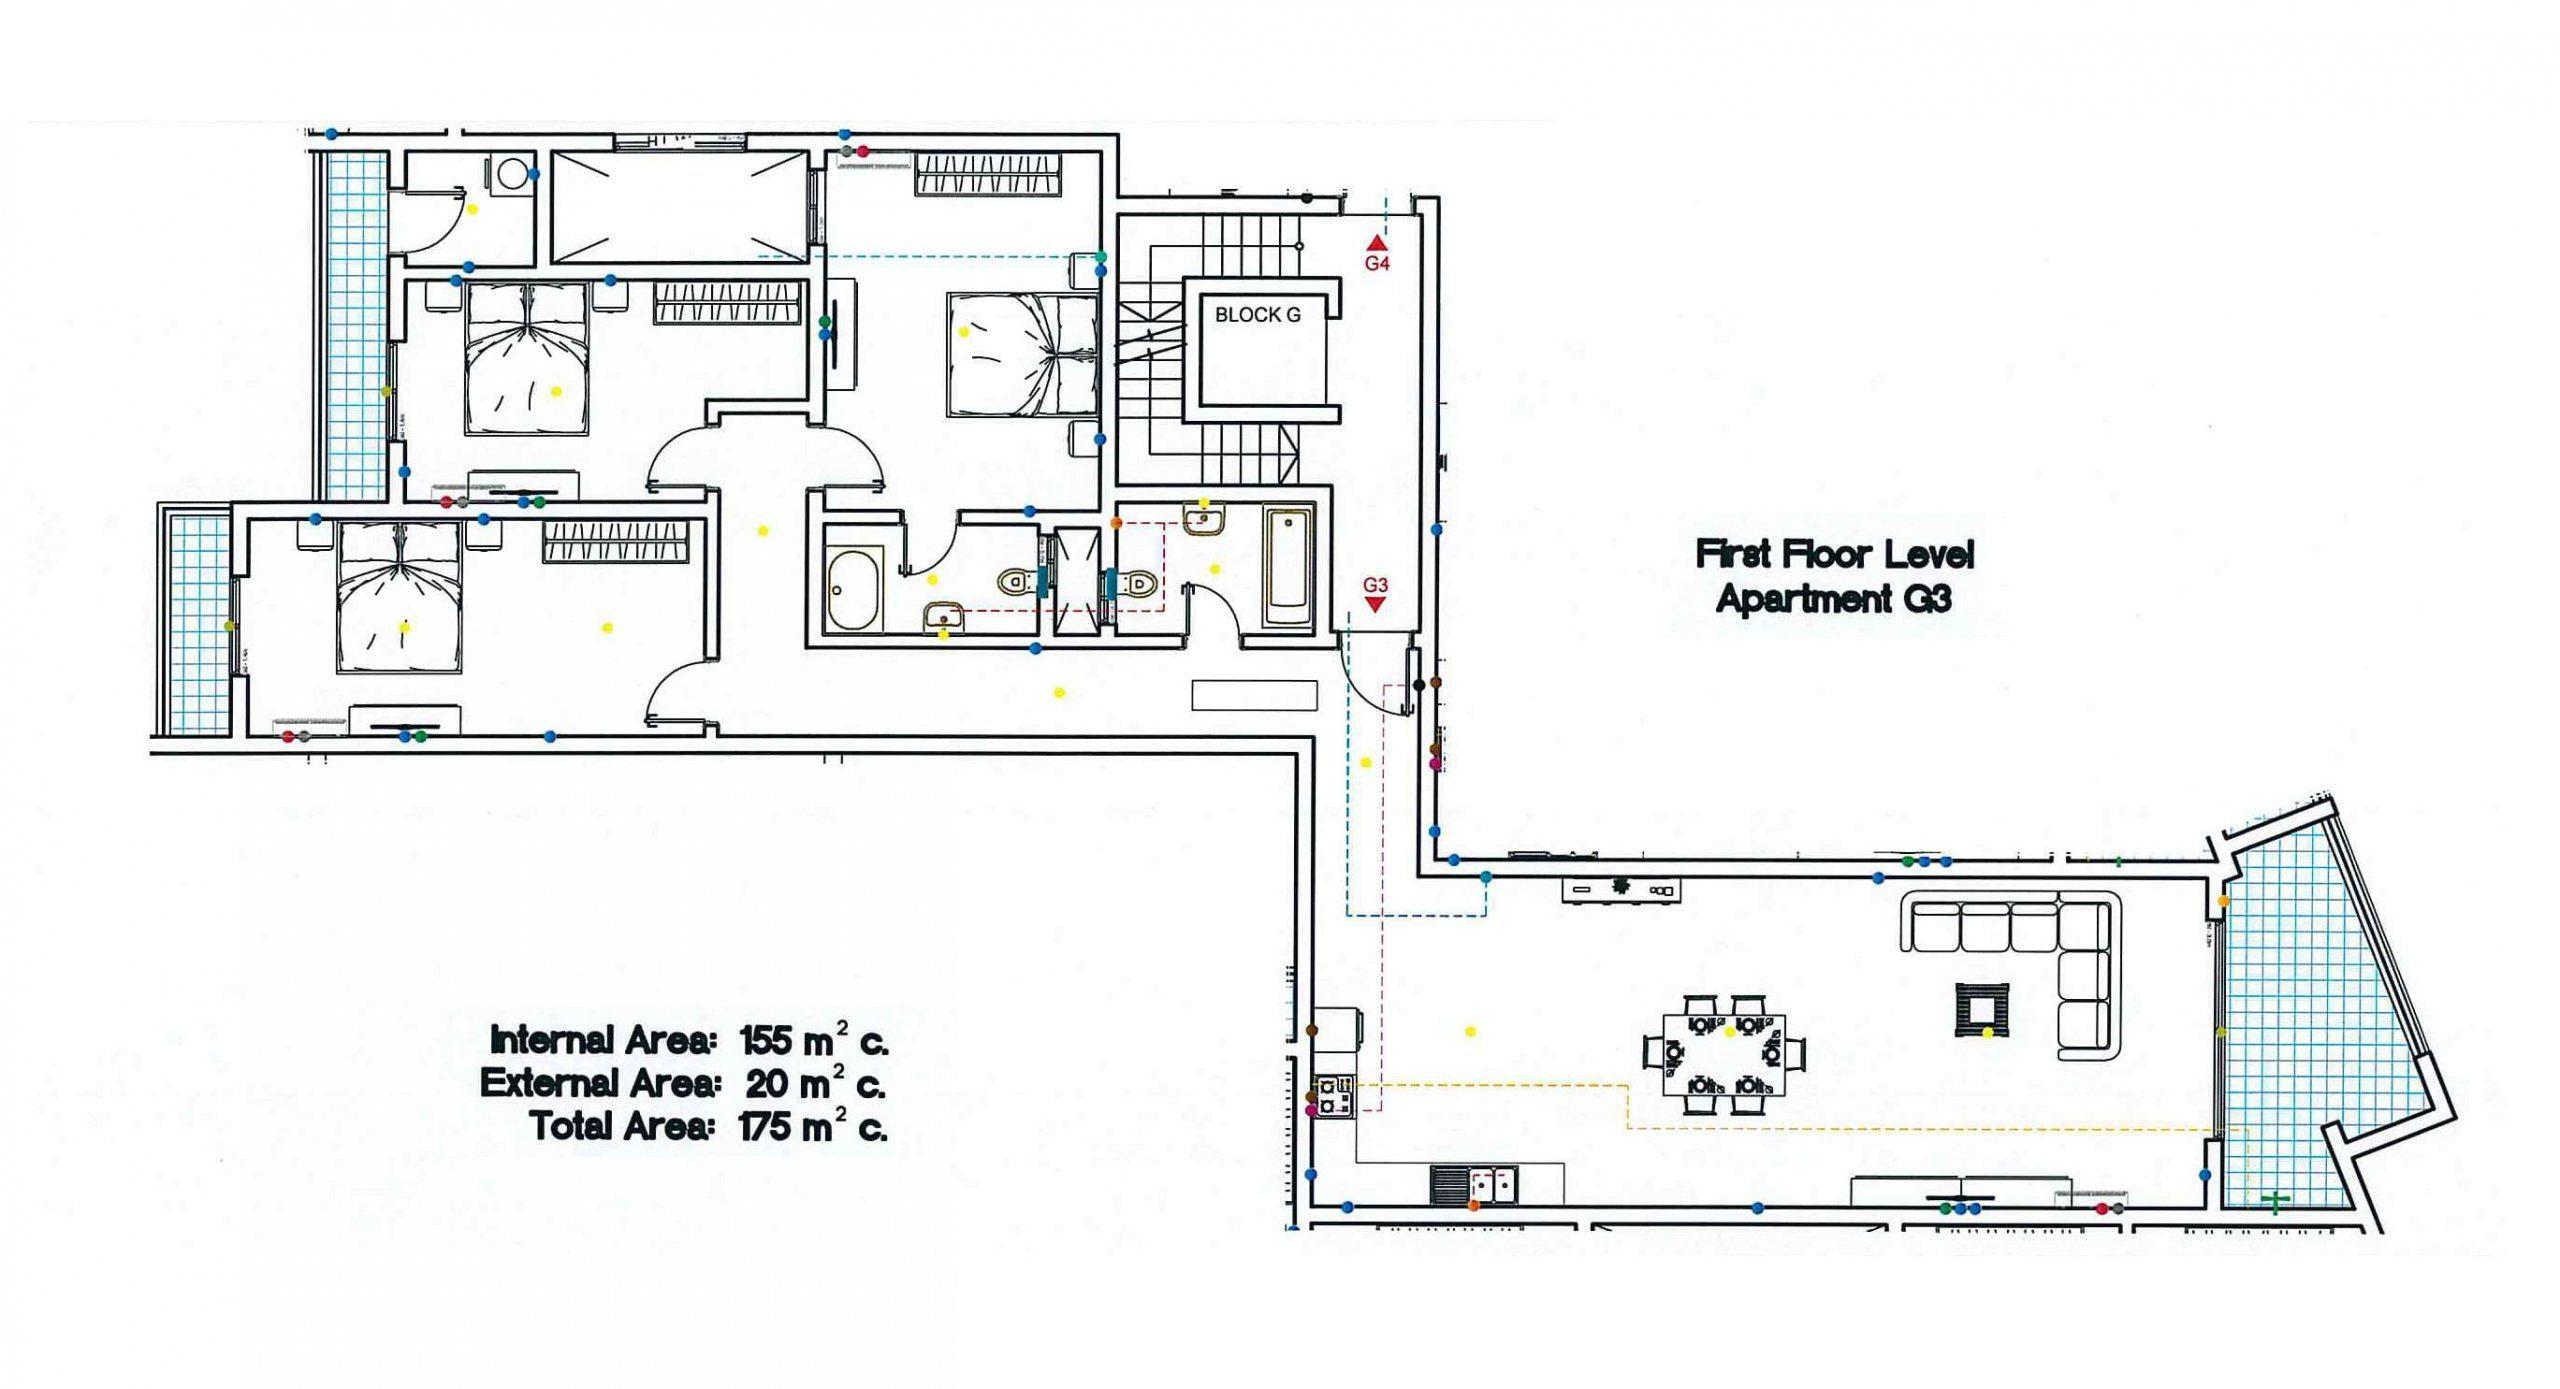 Block G - First Floor G3